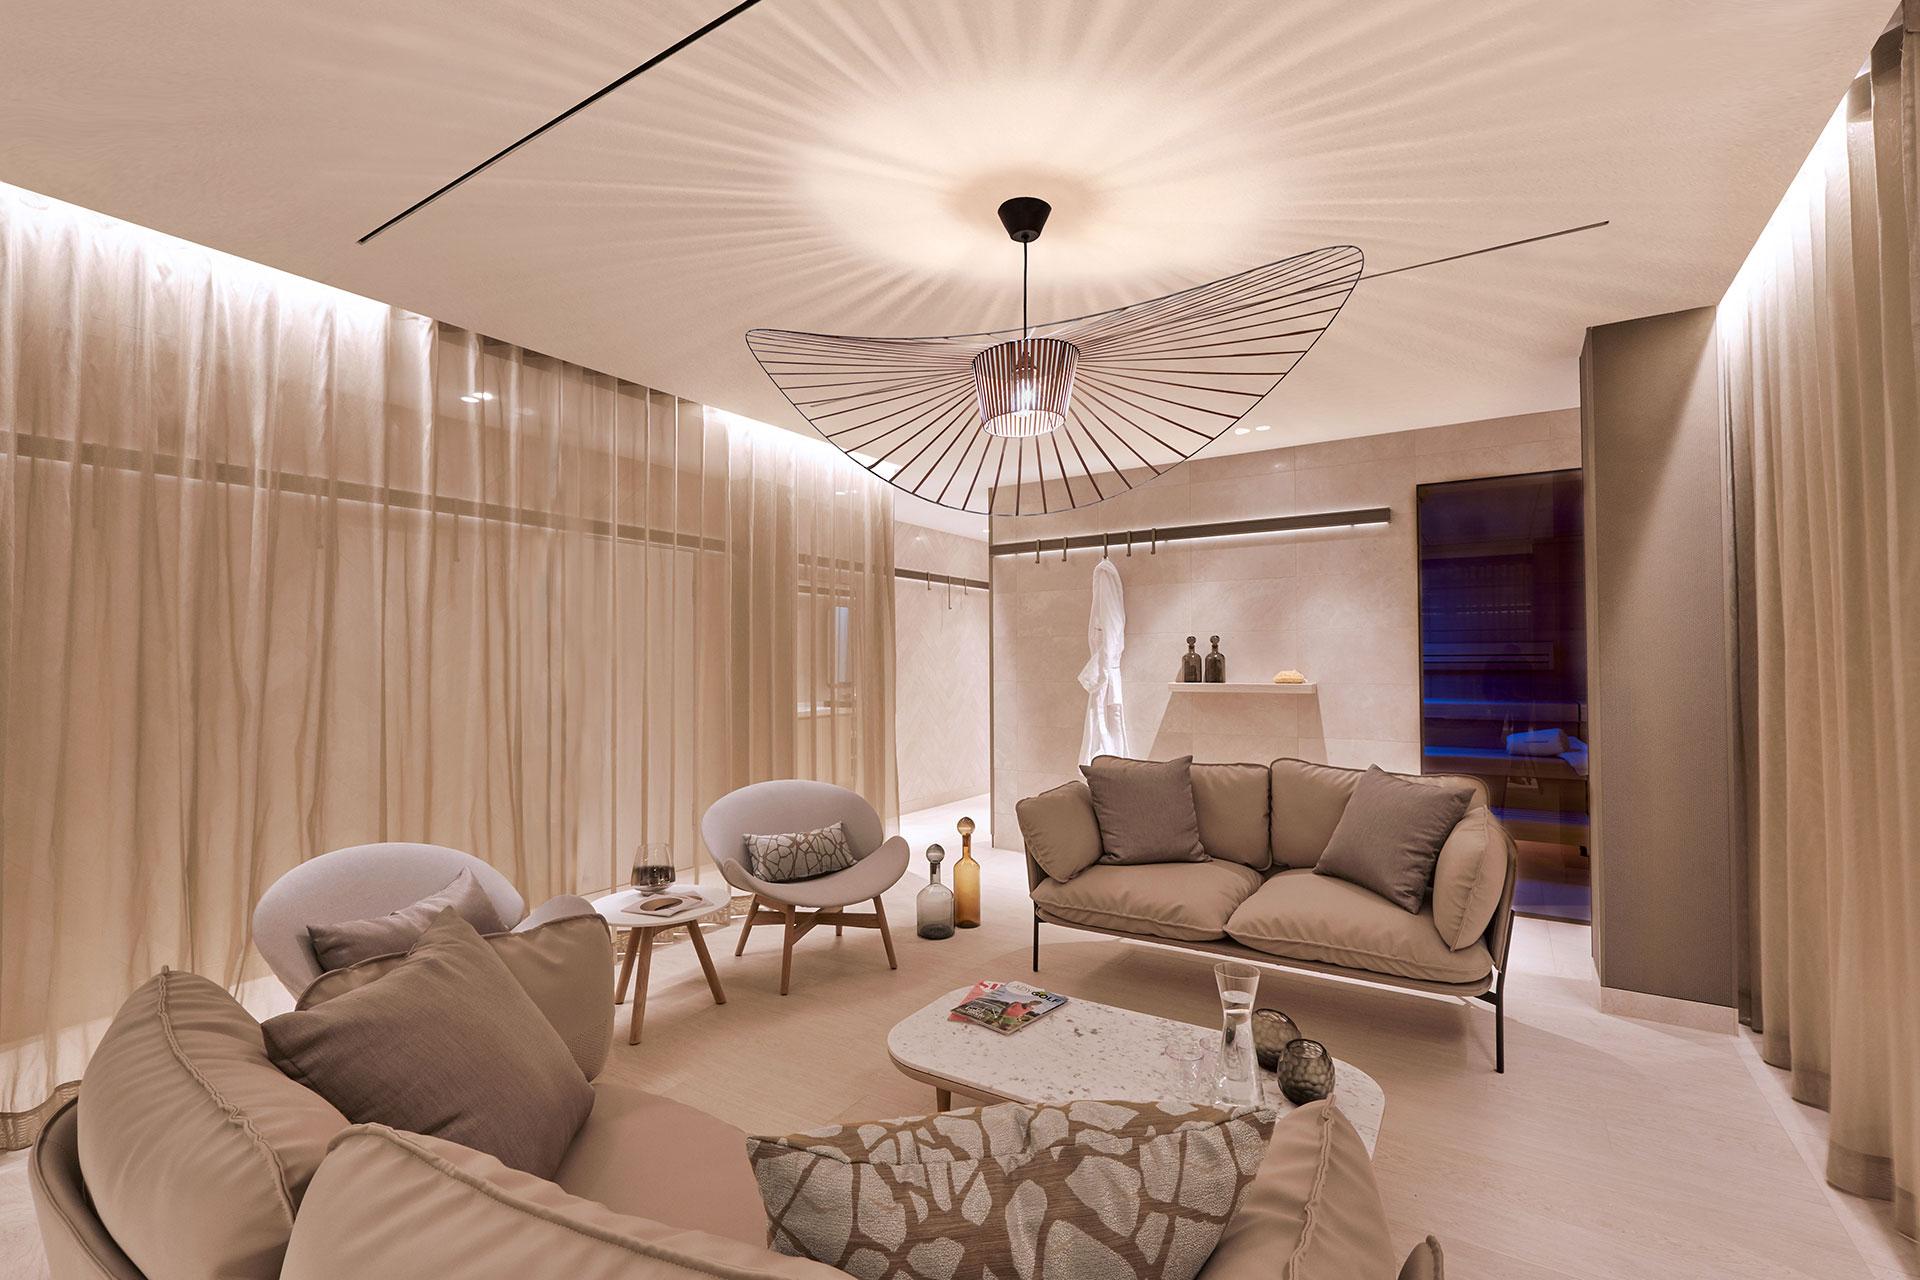 Der Lady Spa im Hotel Der Öschberghof in Donaueschingen. Entwurf von JOI-Design.